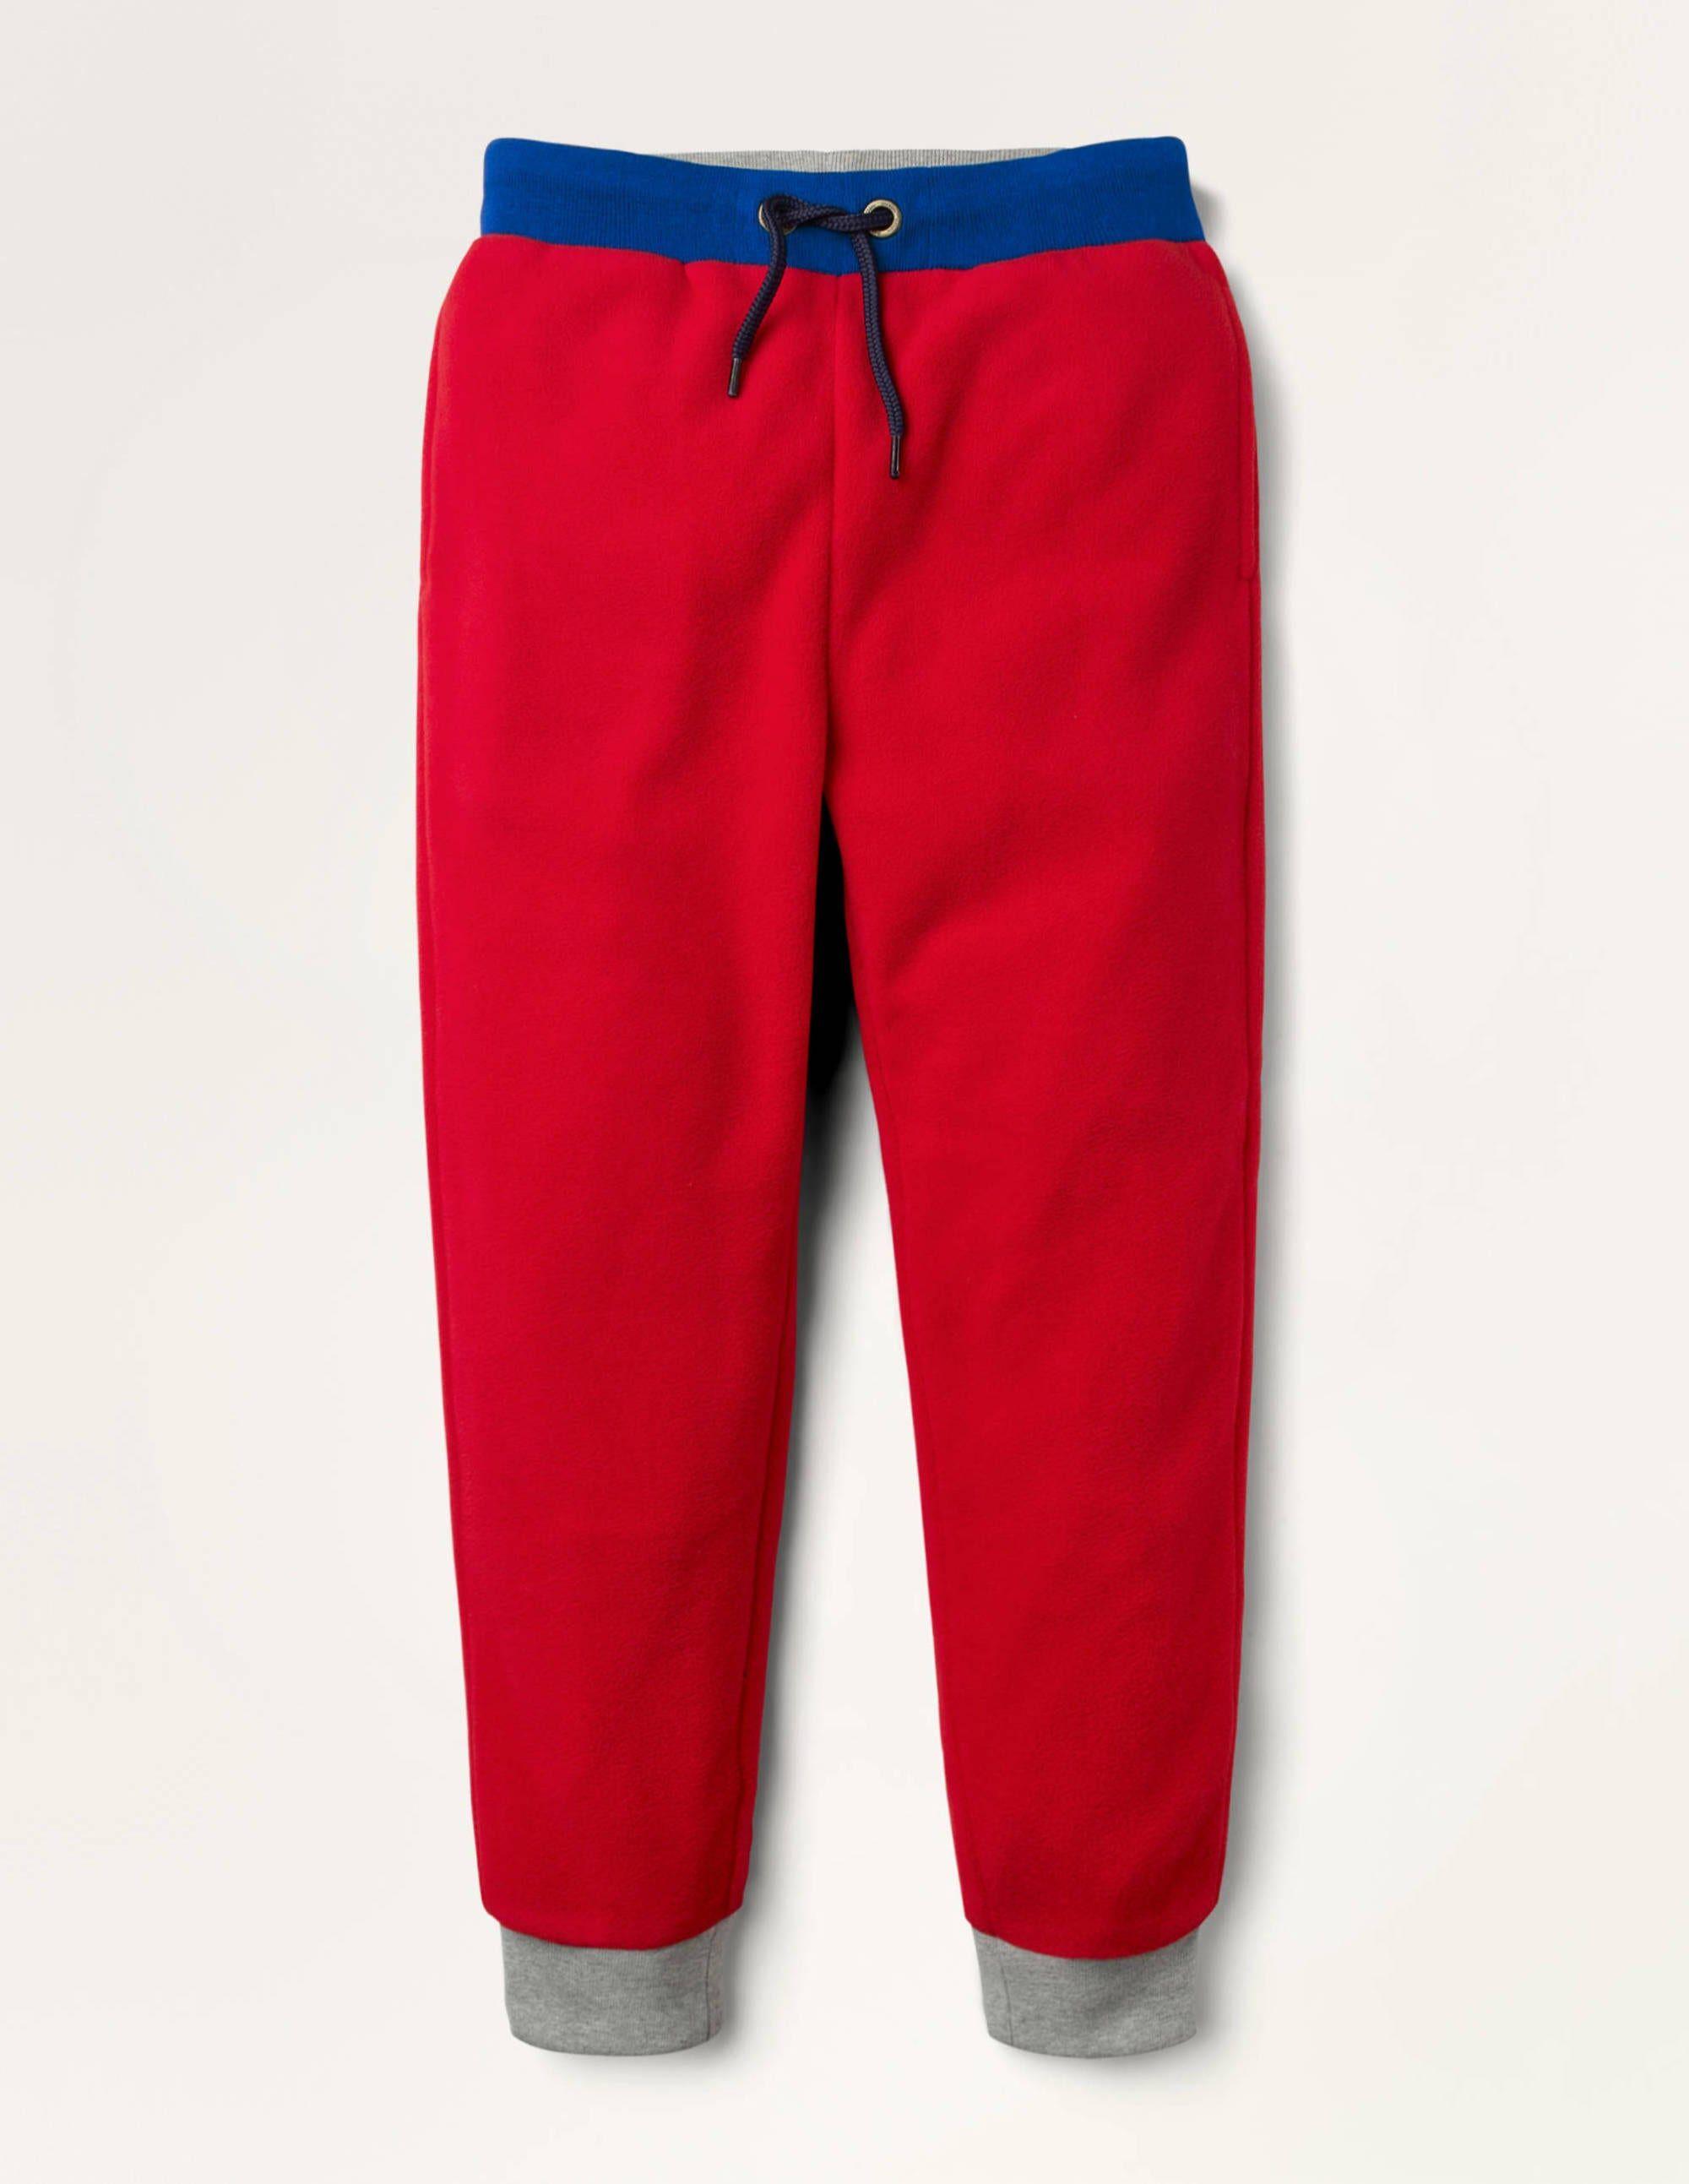 Mini Bas de jogging en micro-polaire RED Garçon Boden, Red - 6a